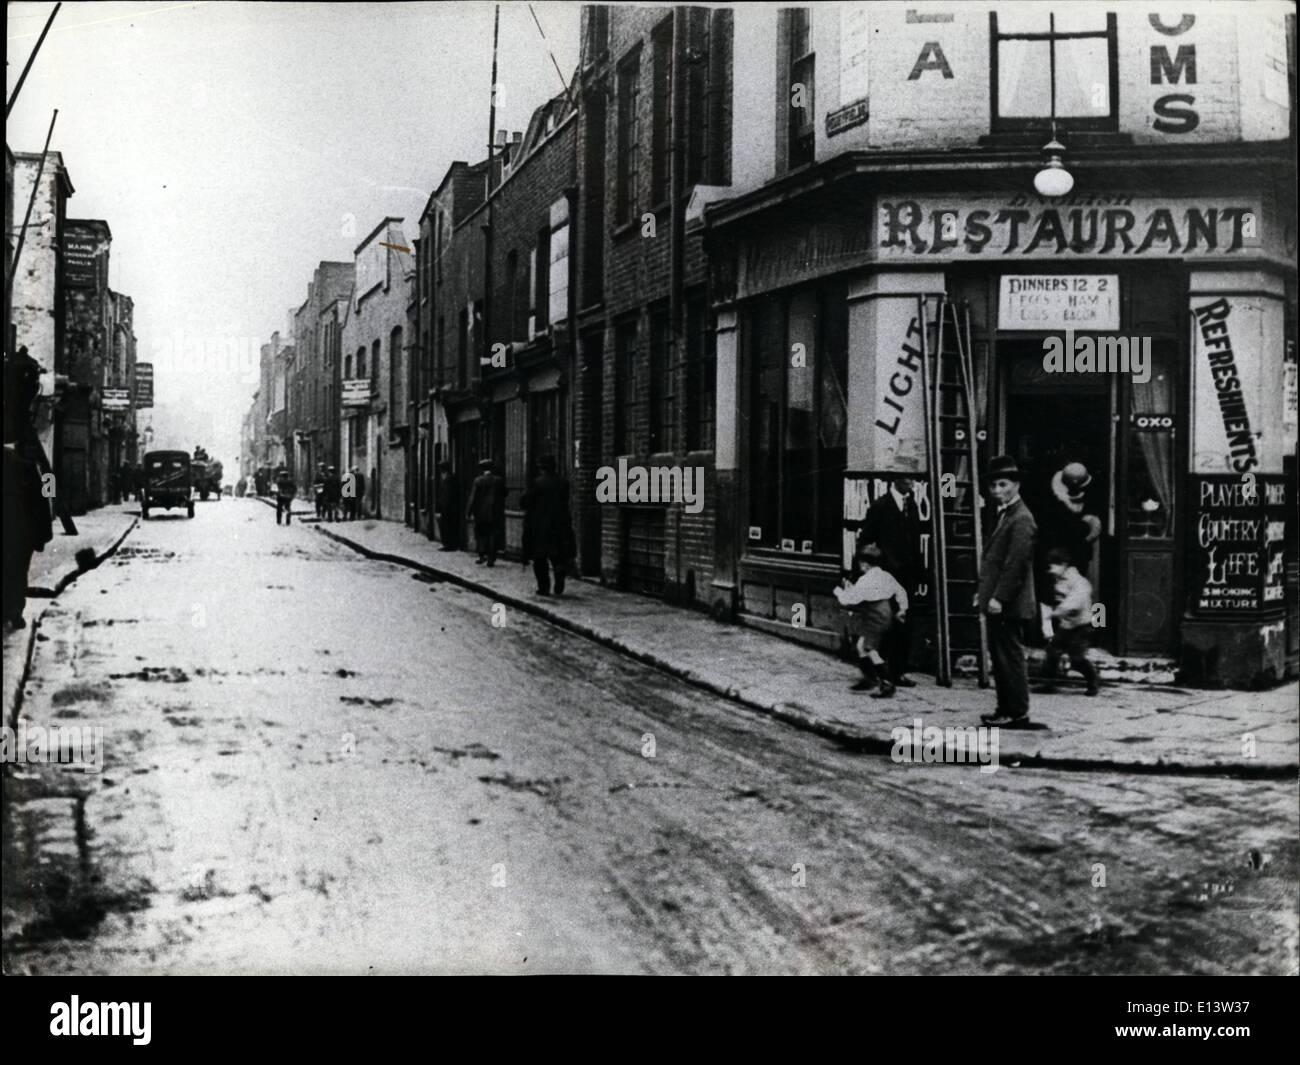 Mar. 27, 2012 - London In The Twenties: Street scene in Penny fields, East London. PR - Stock Image